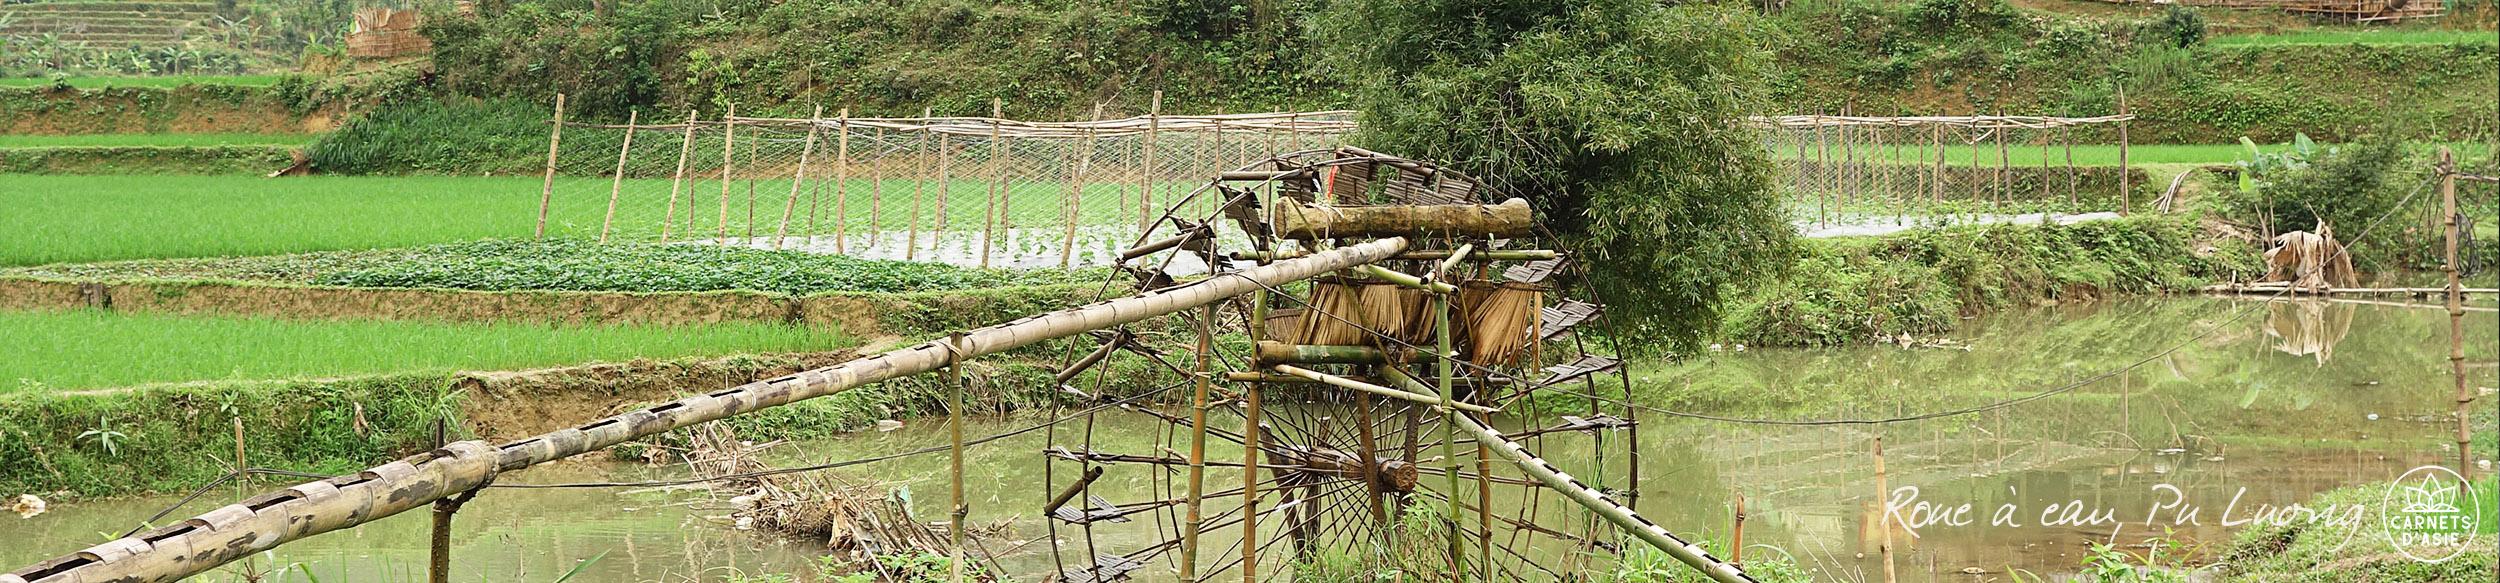 Roue à eau en bambou dans la réserve de Pu Luong